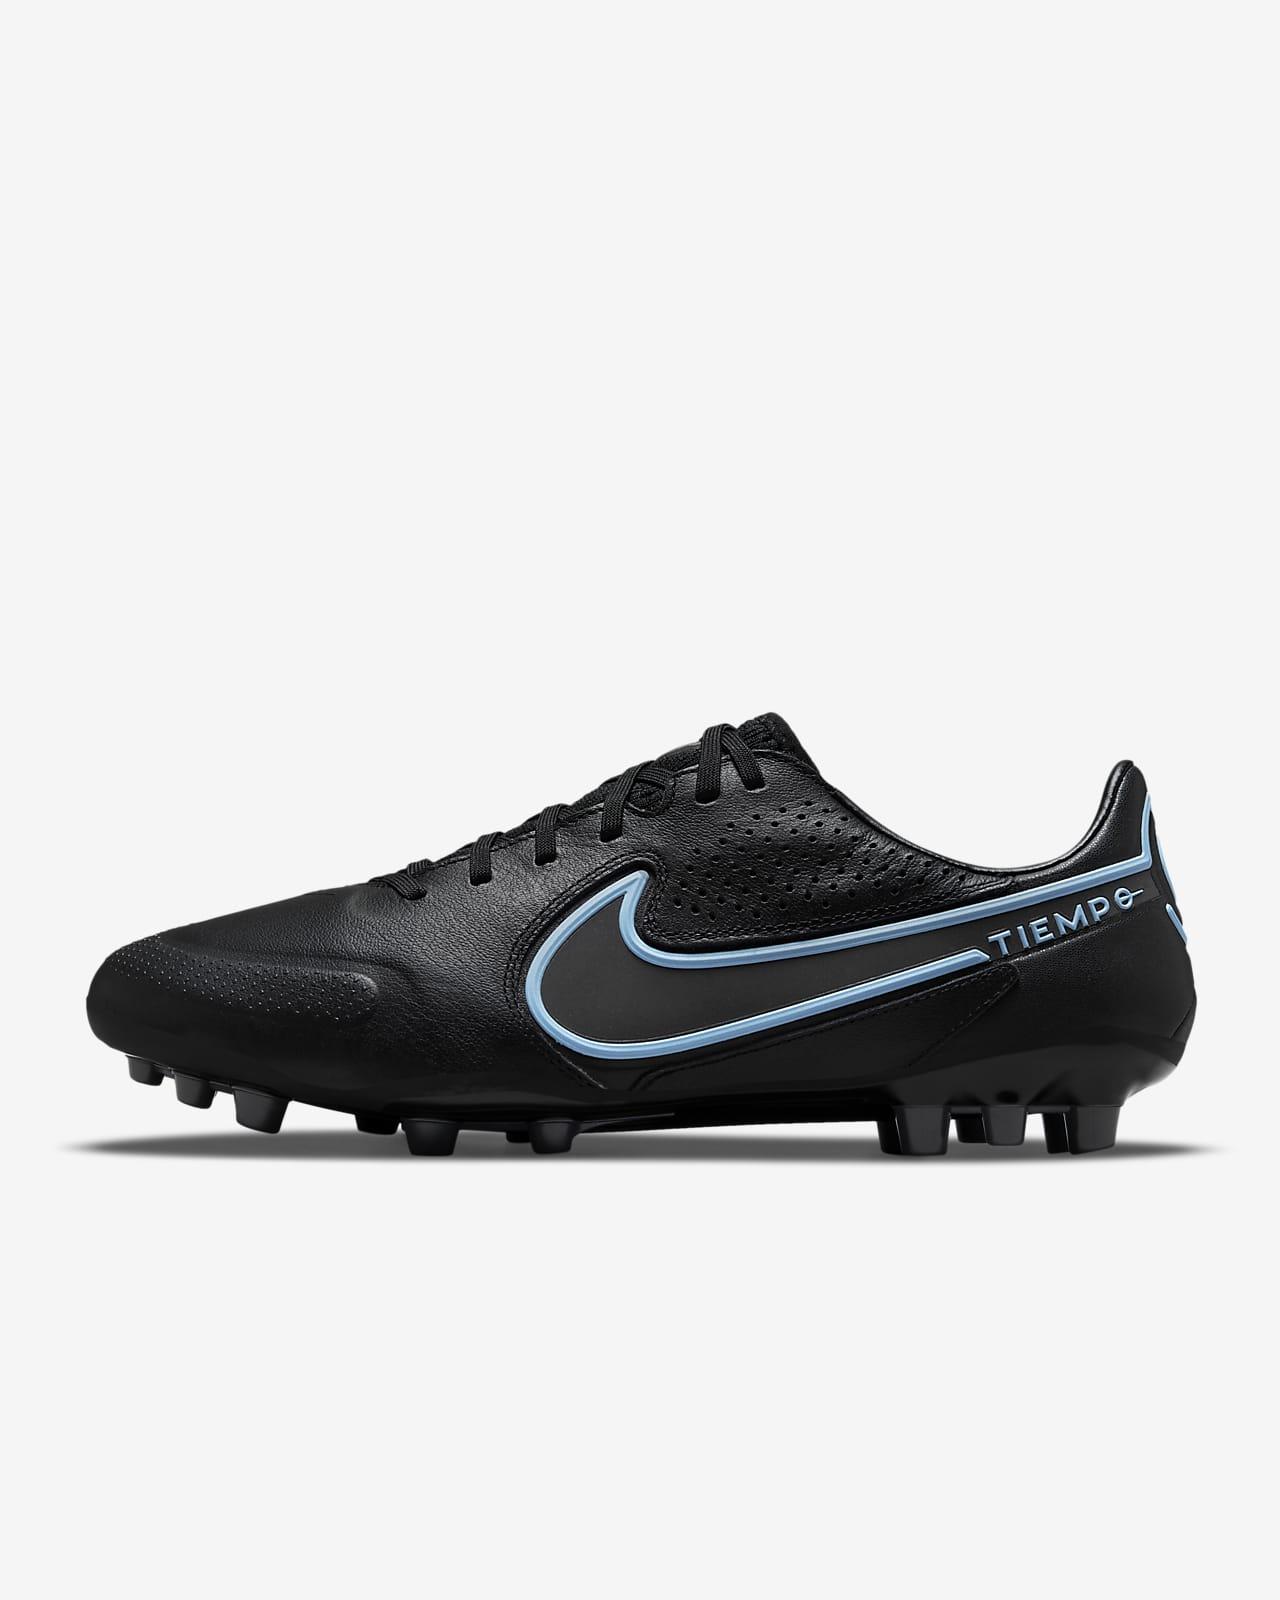 Nike Tiempo Legend 9 Pro AG-Pro Fußballschuh für Kunstrasen